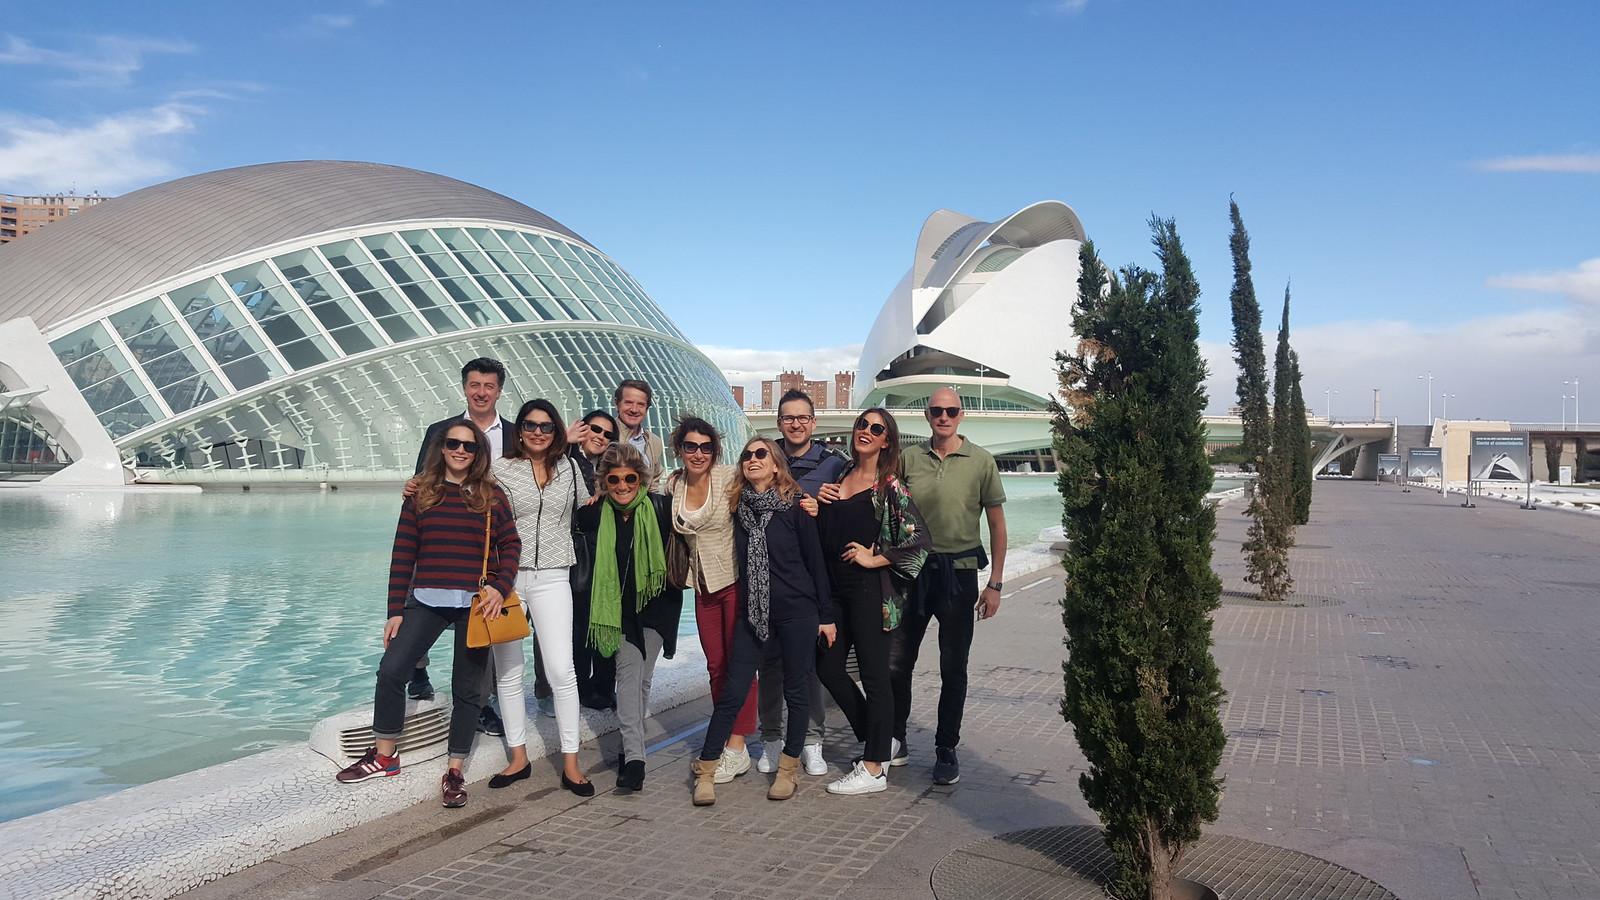 viaggio di architettura porcelanosa maggio 2017